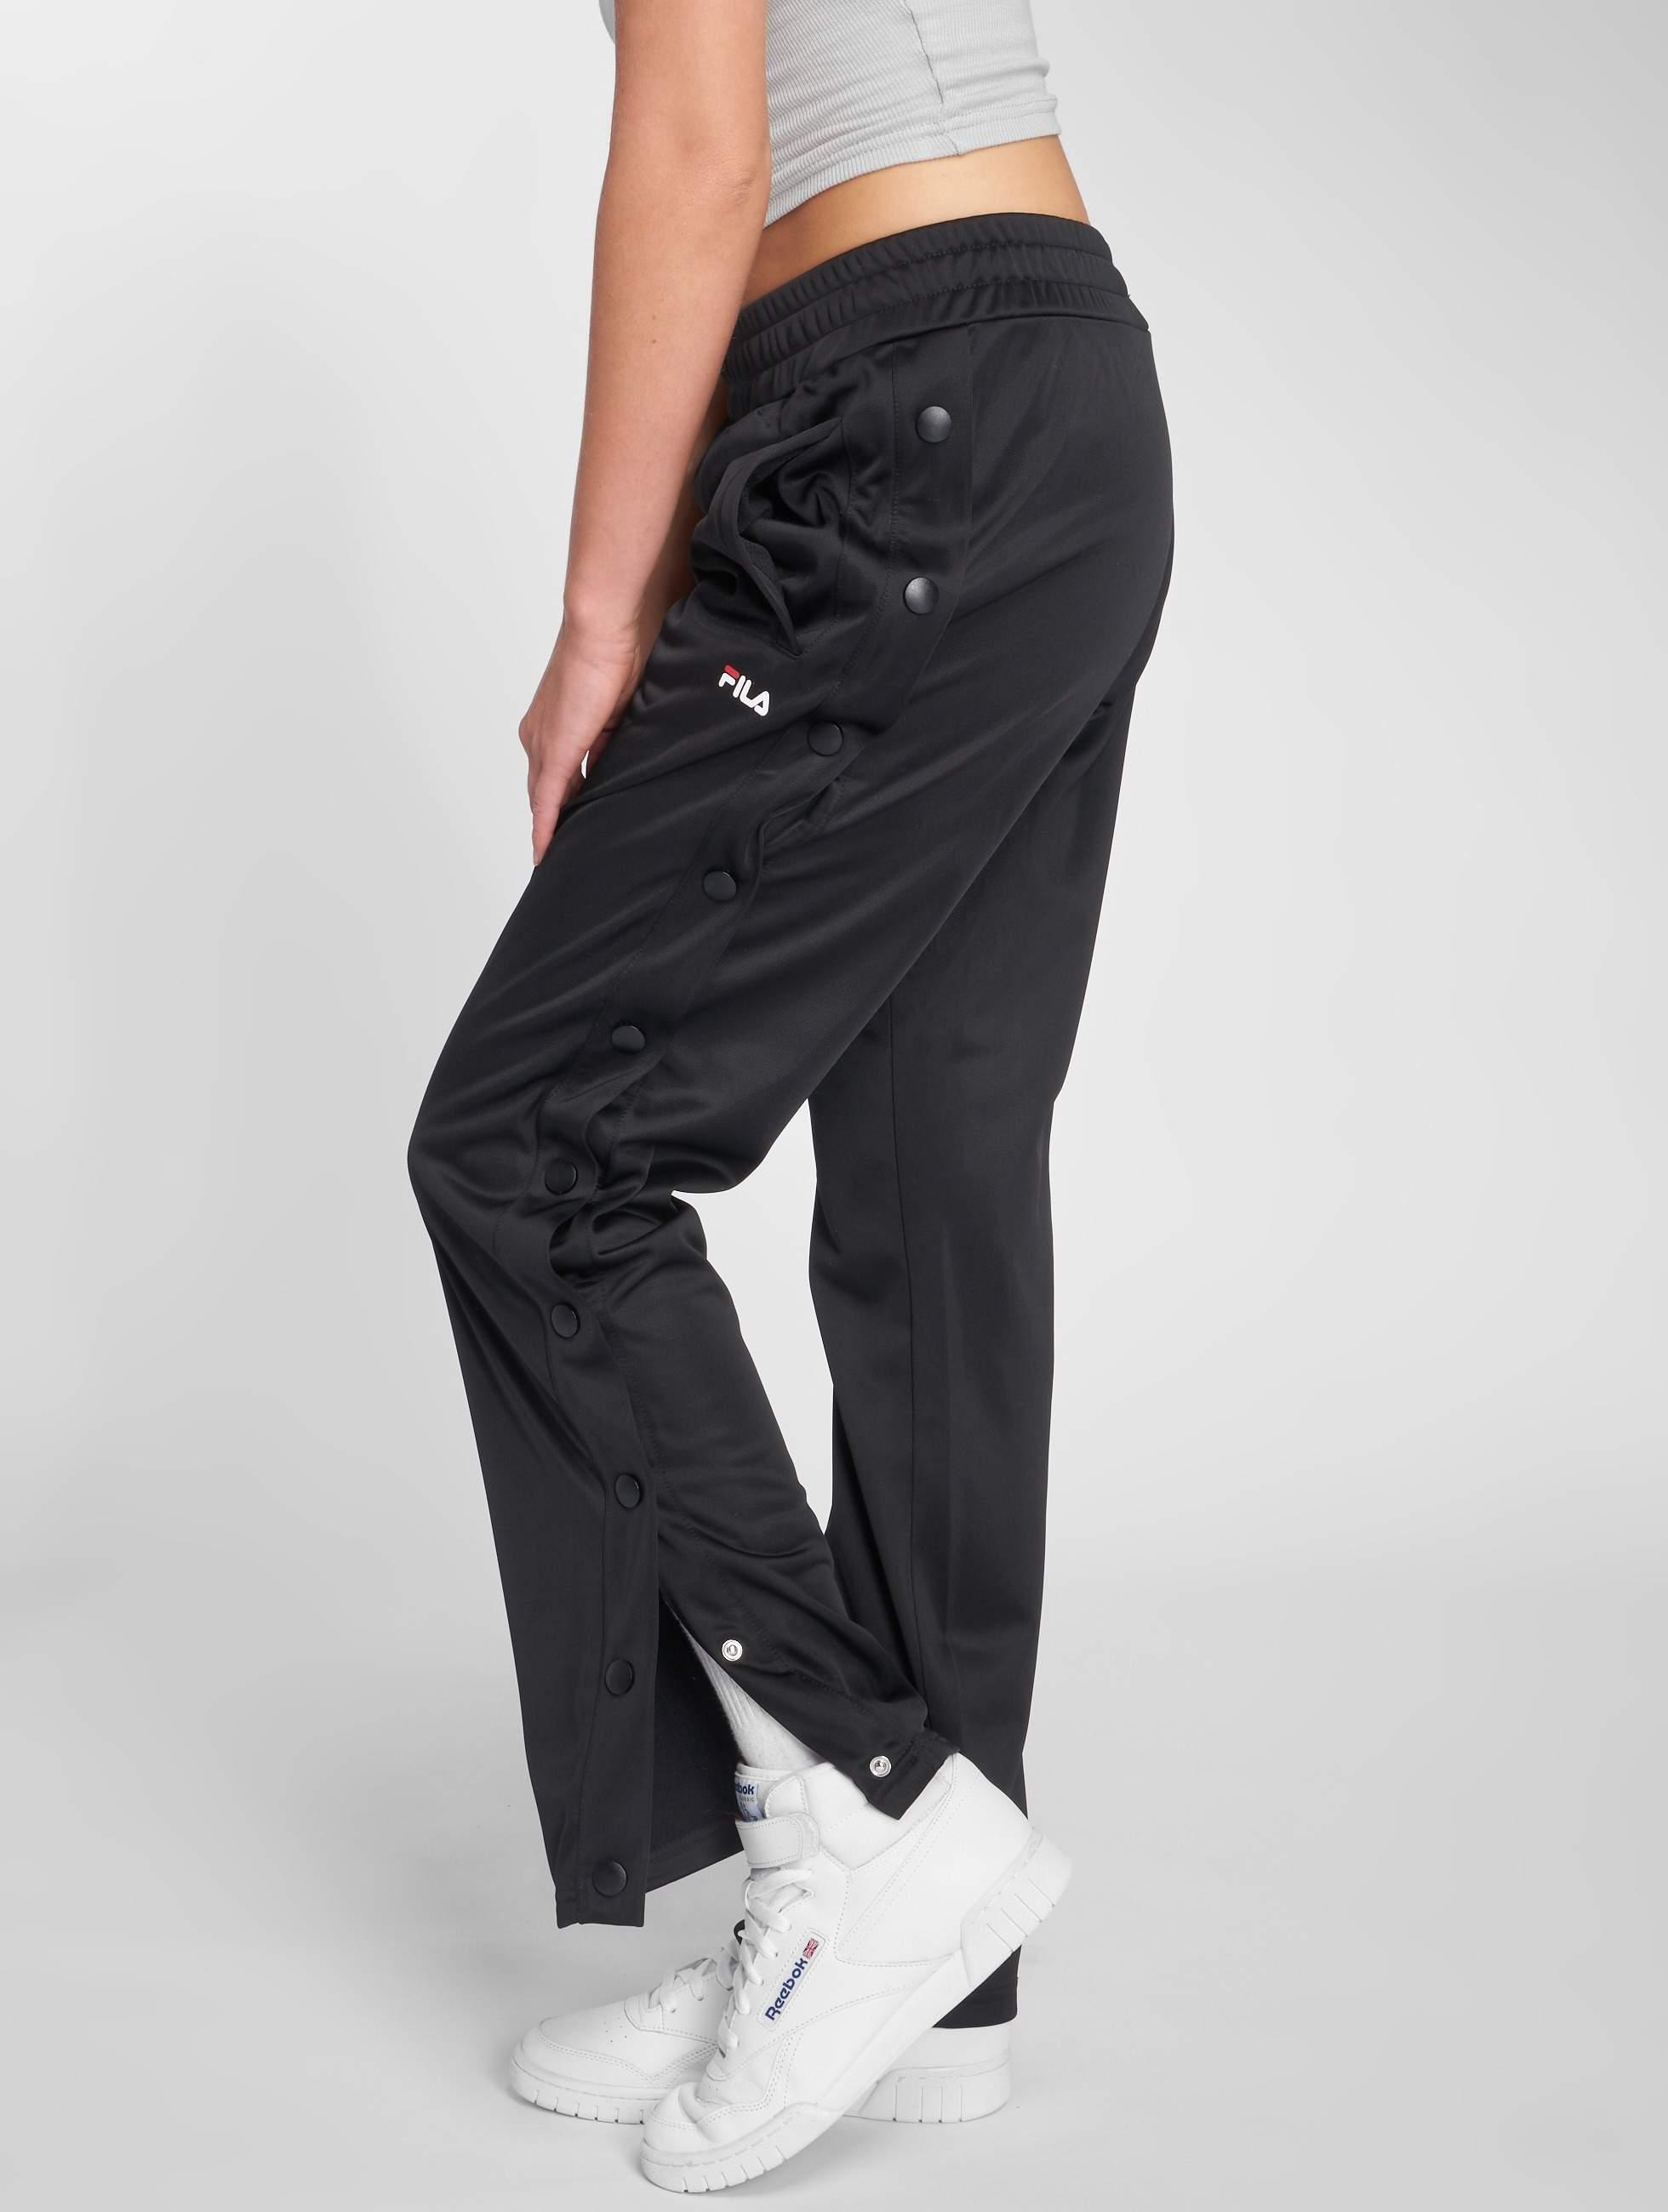 FILA Urban Line Geralyn Button Pants Black